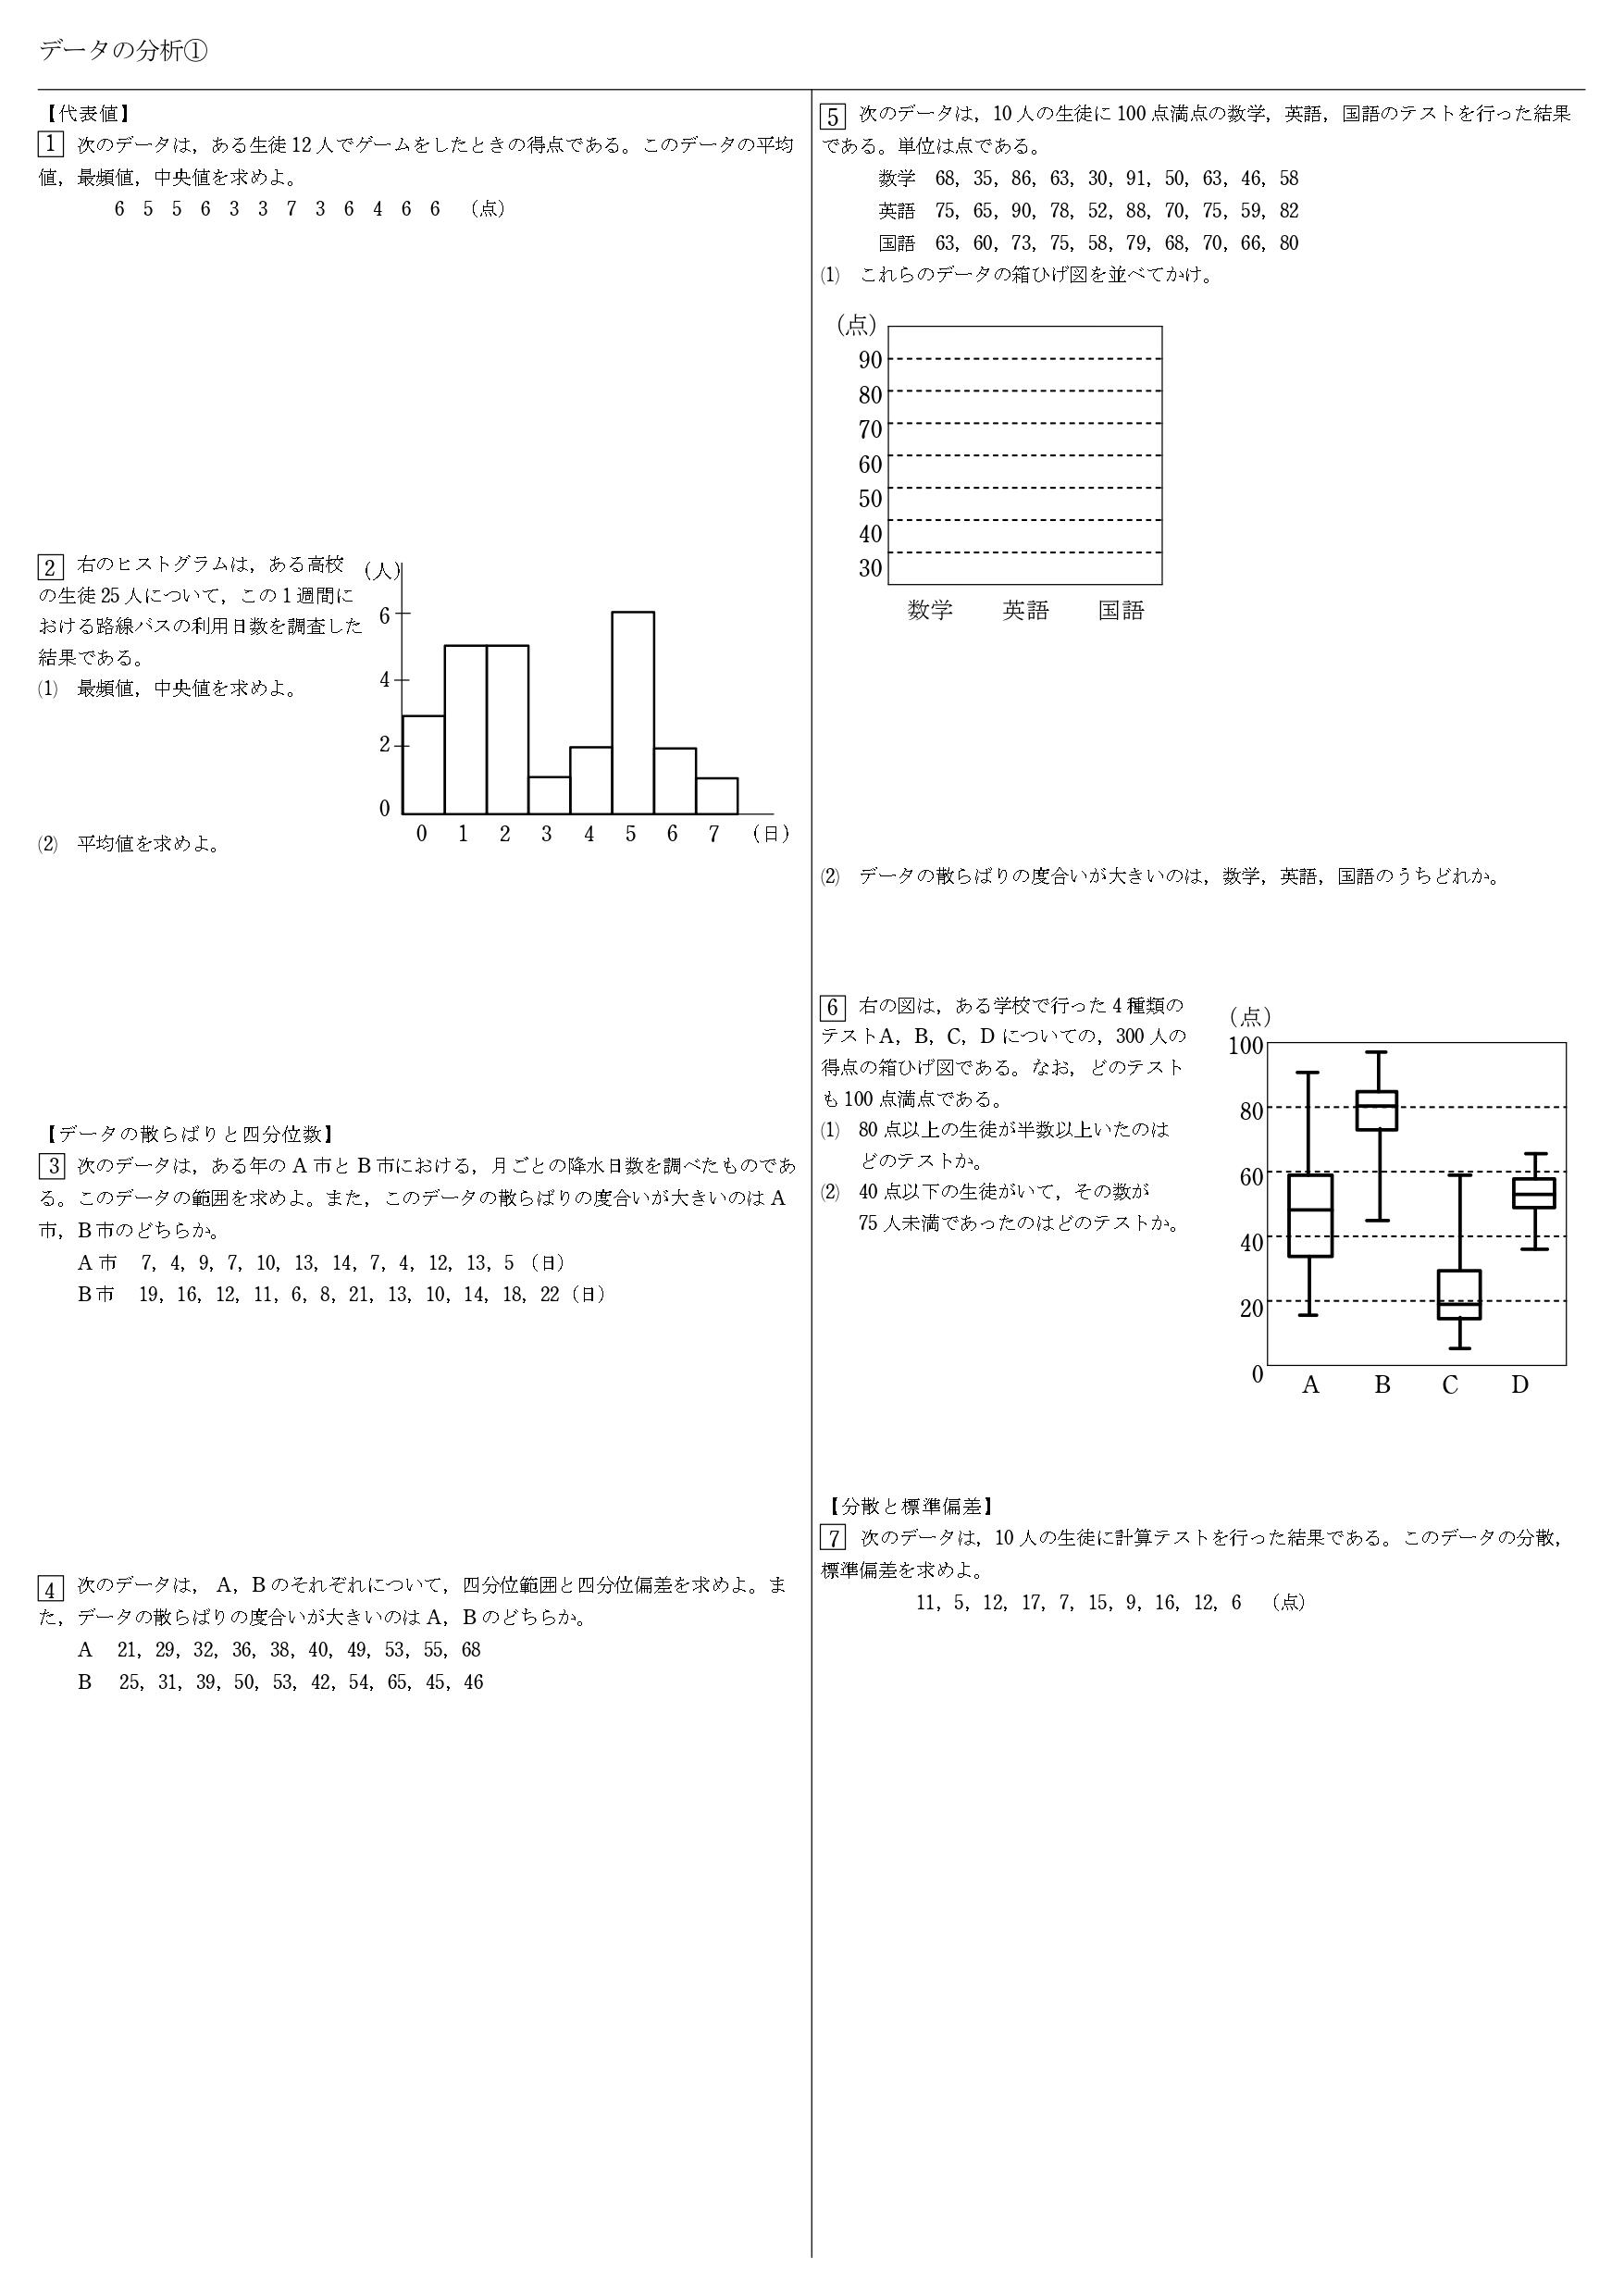 データの分析 教科書 まとめ 一覧 問題